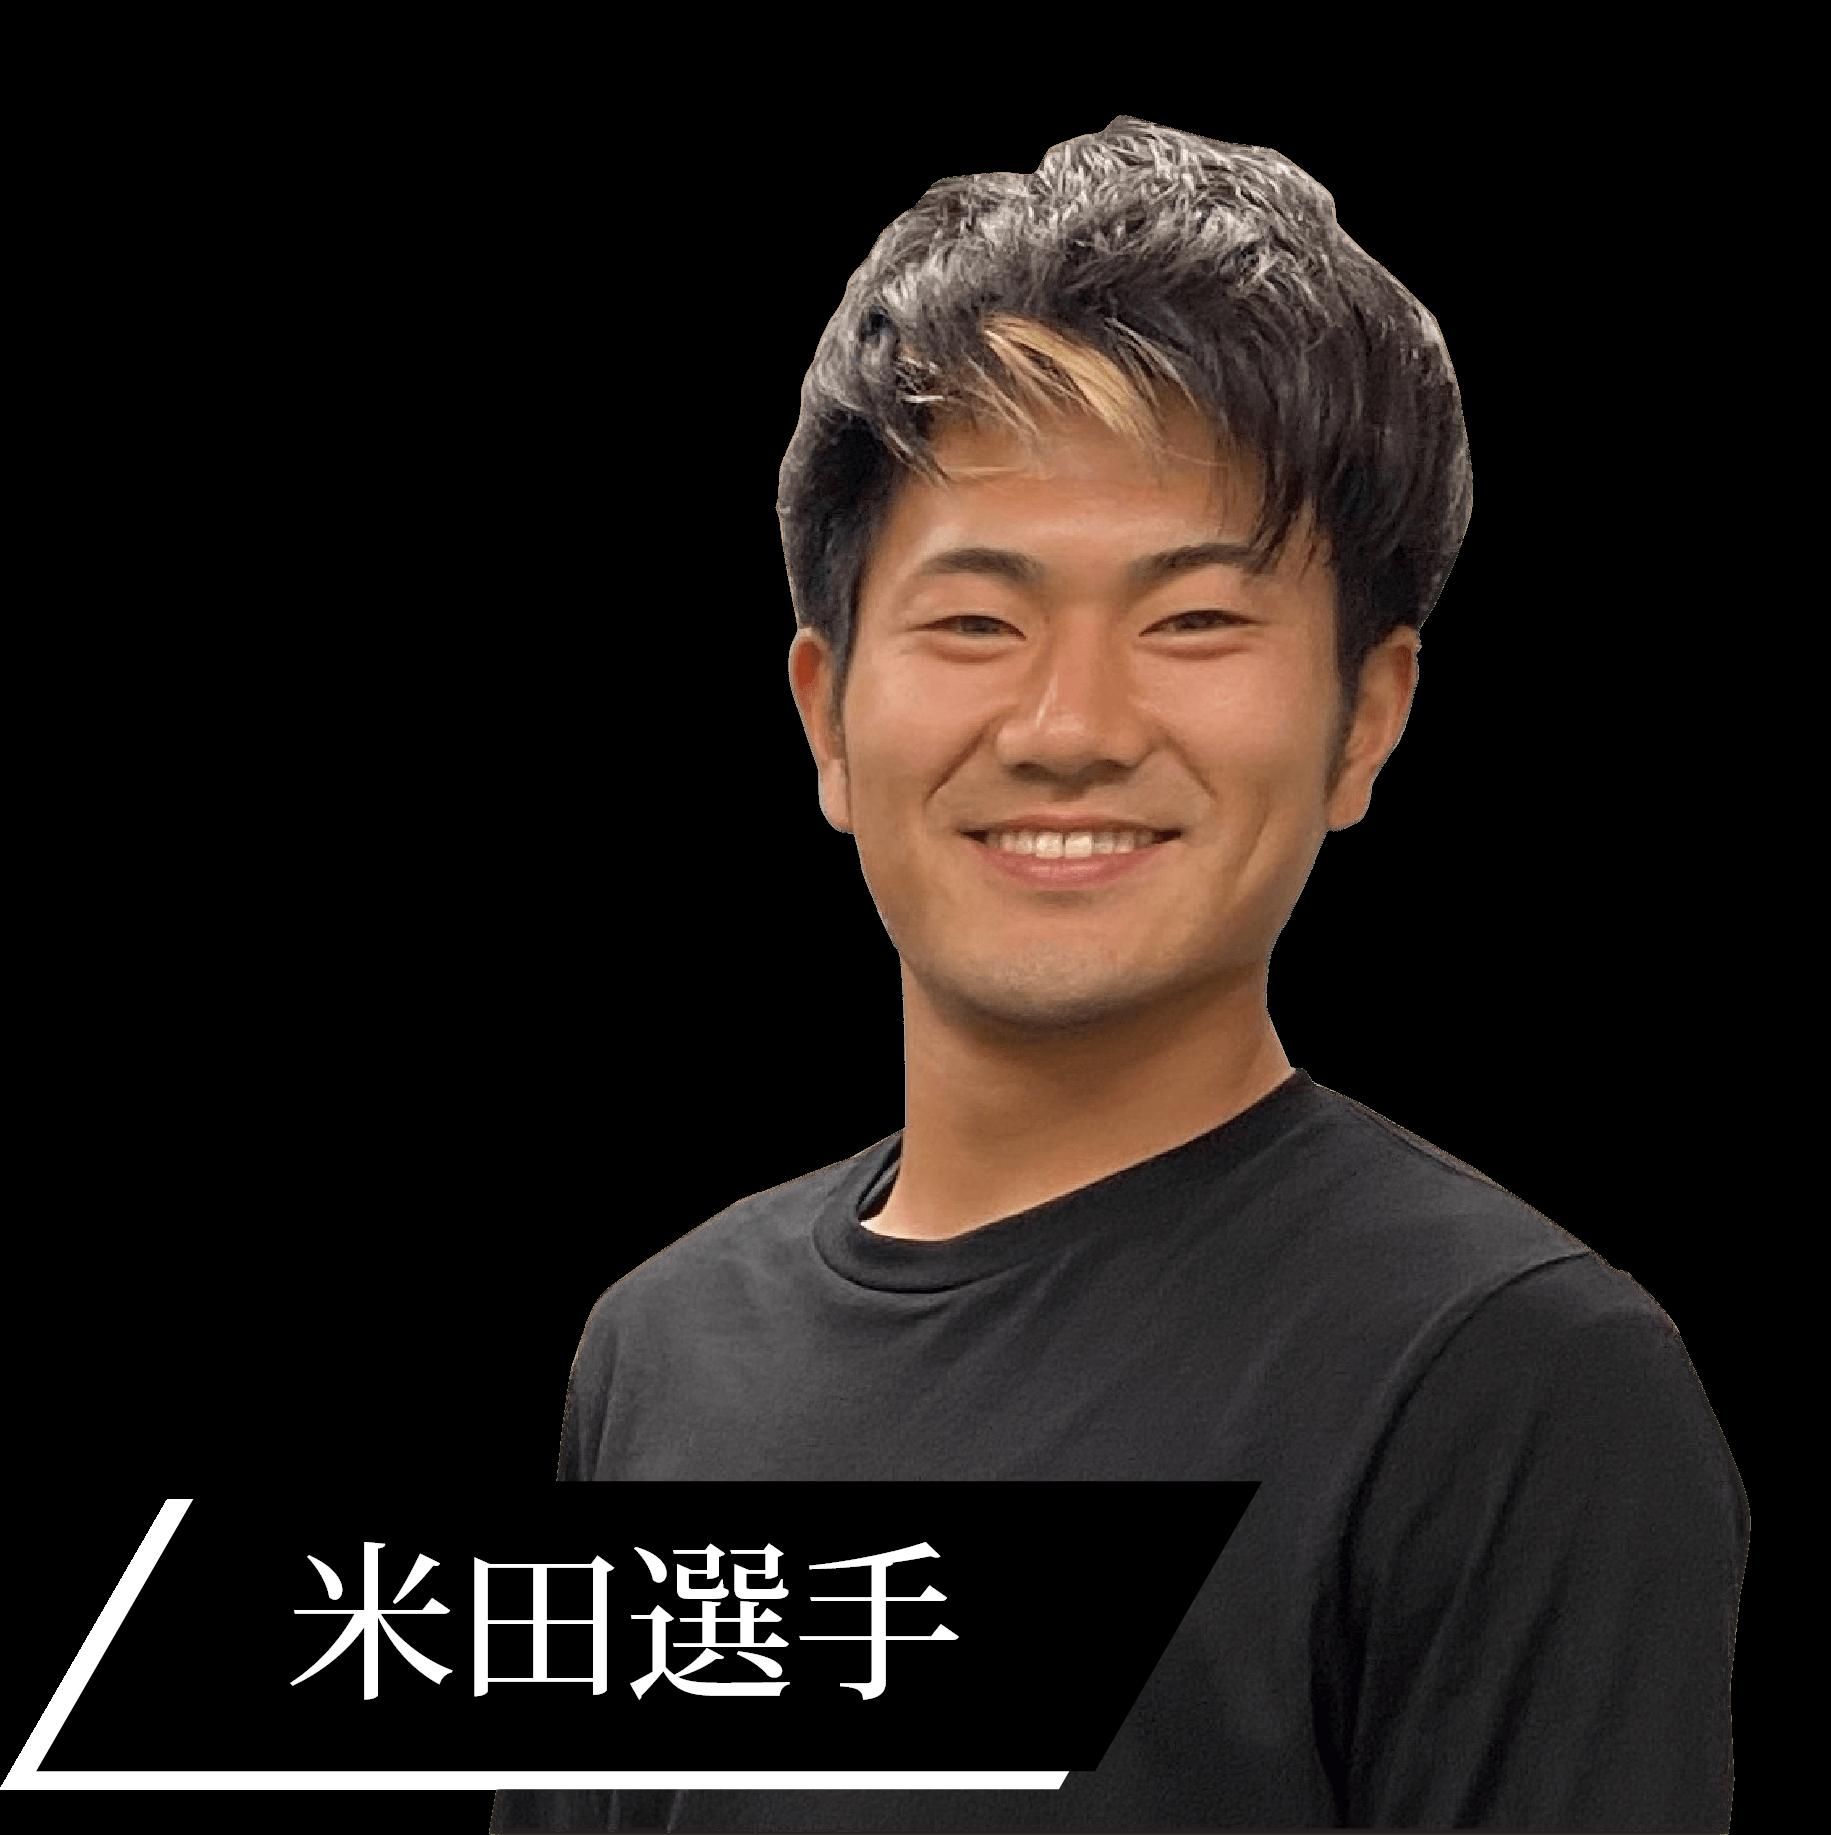 米田 隼也 選手